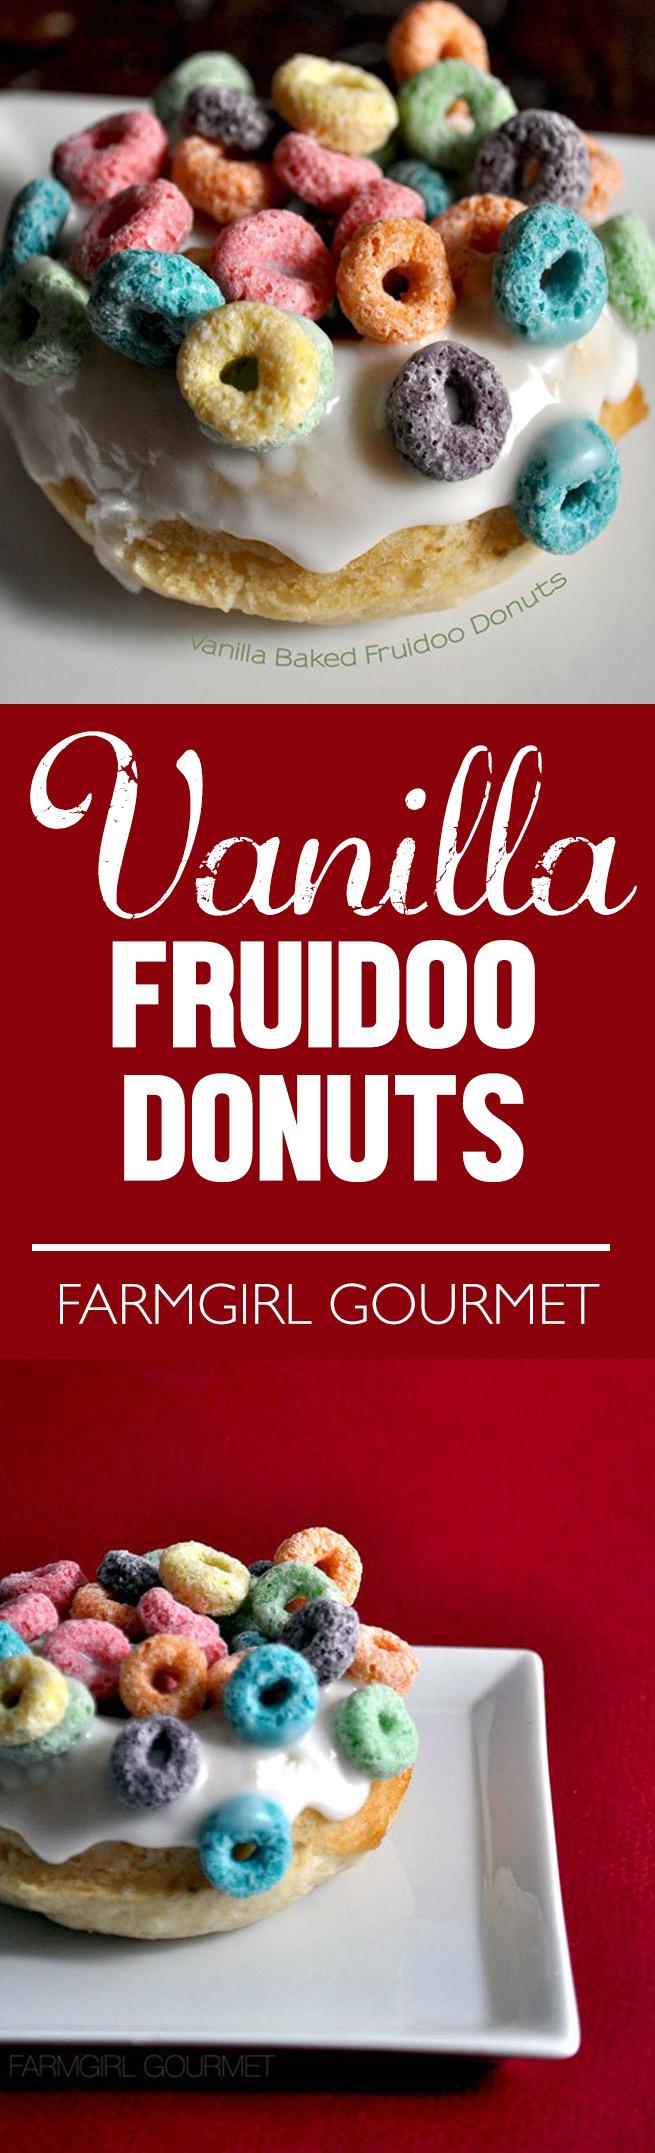 Vanilla Baked Fruidoo Donuts recipe   farmgirlgourmet.com